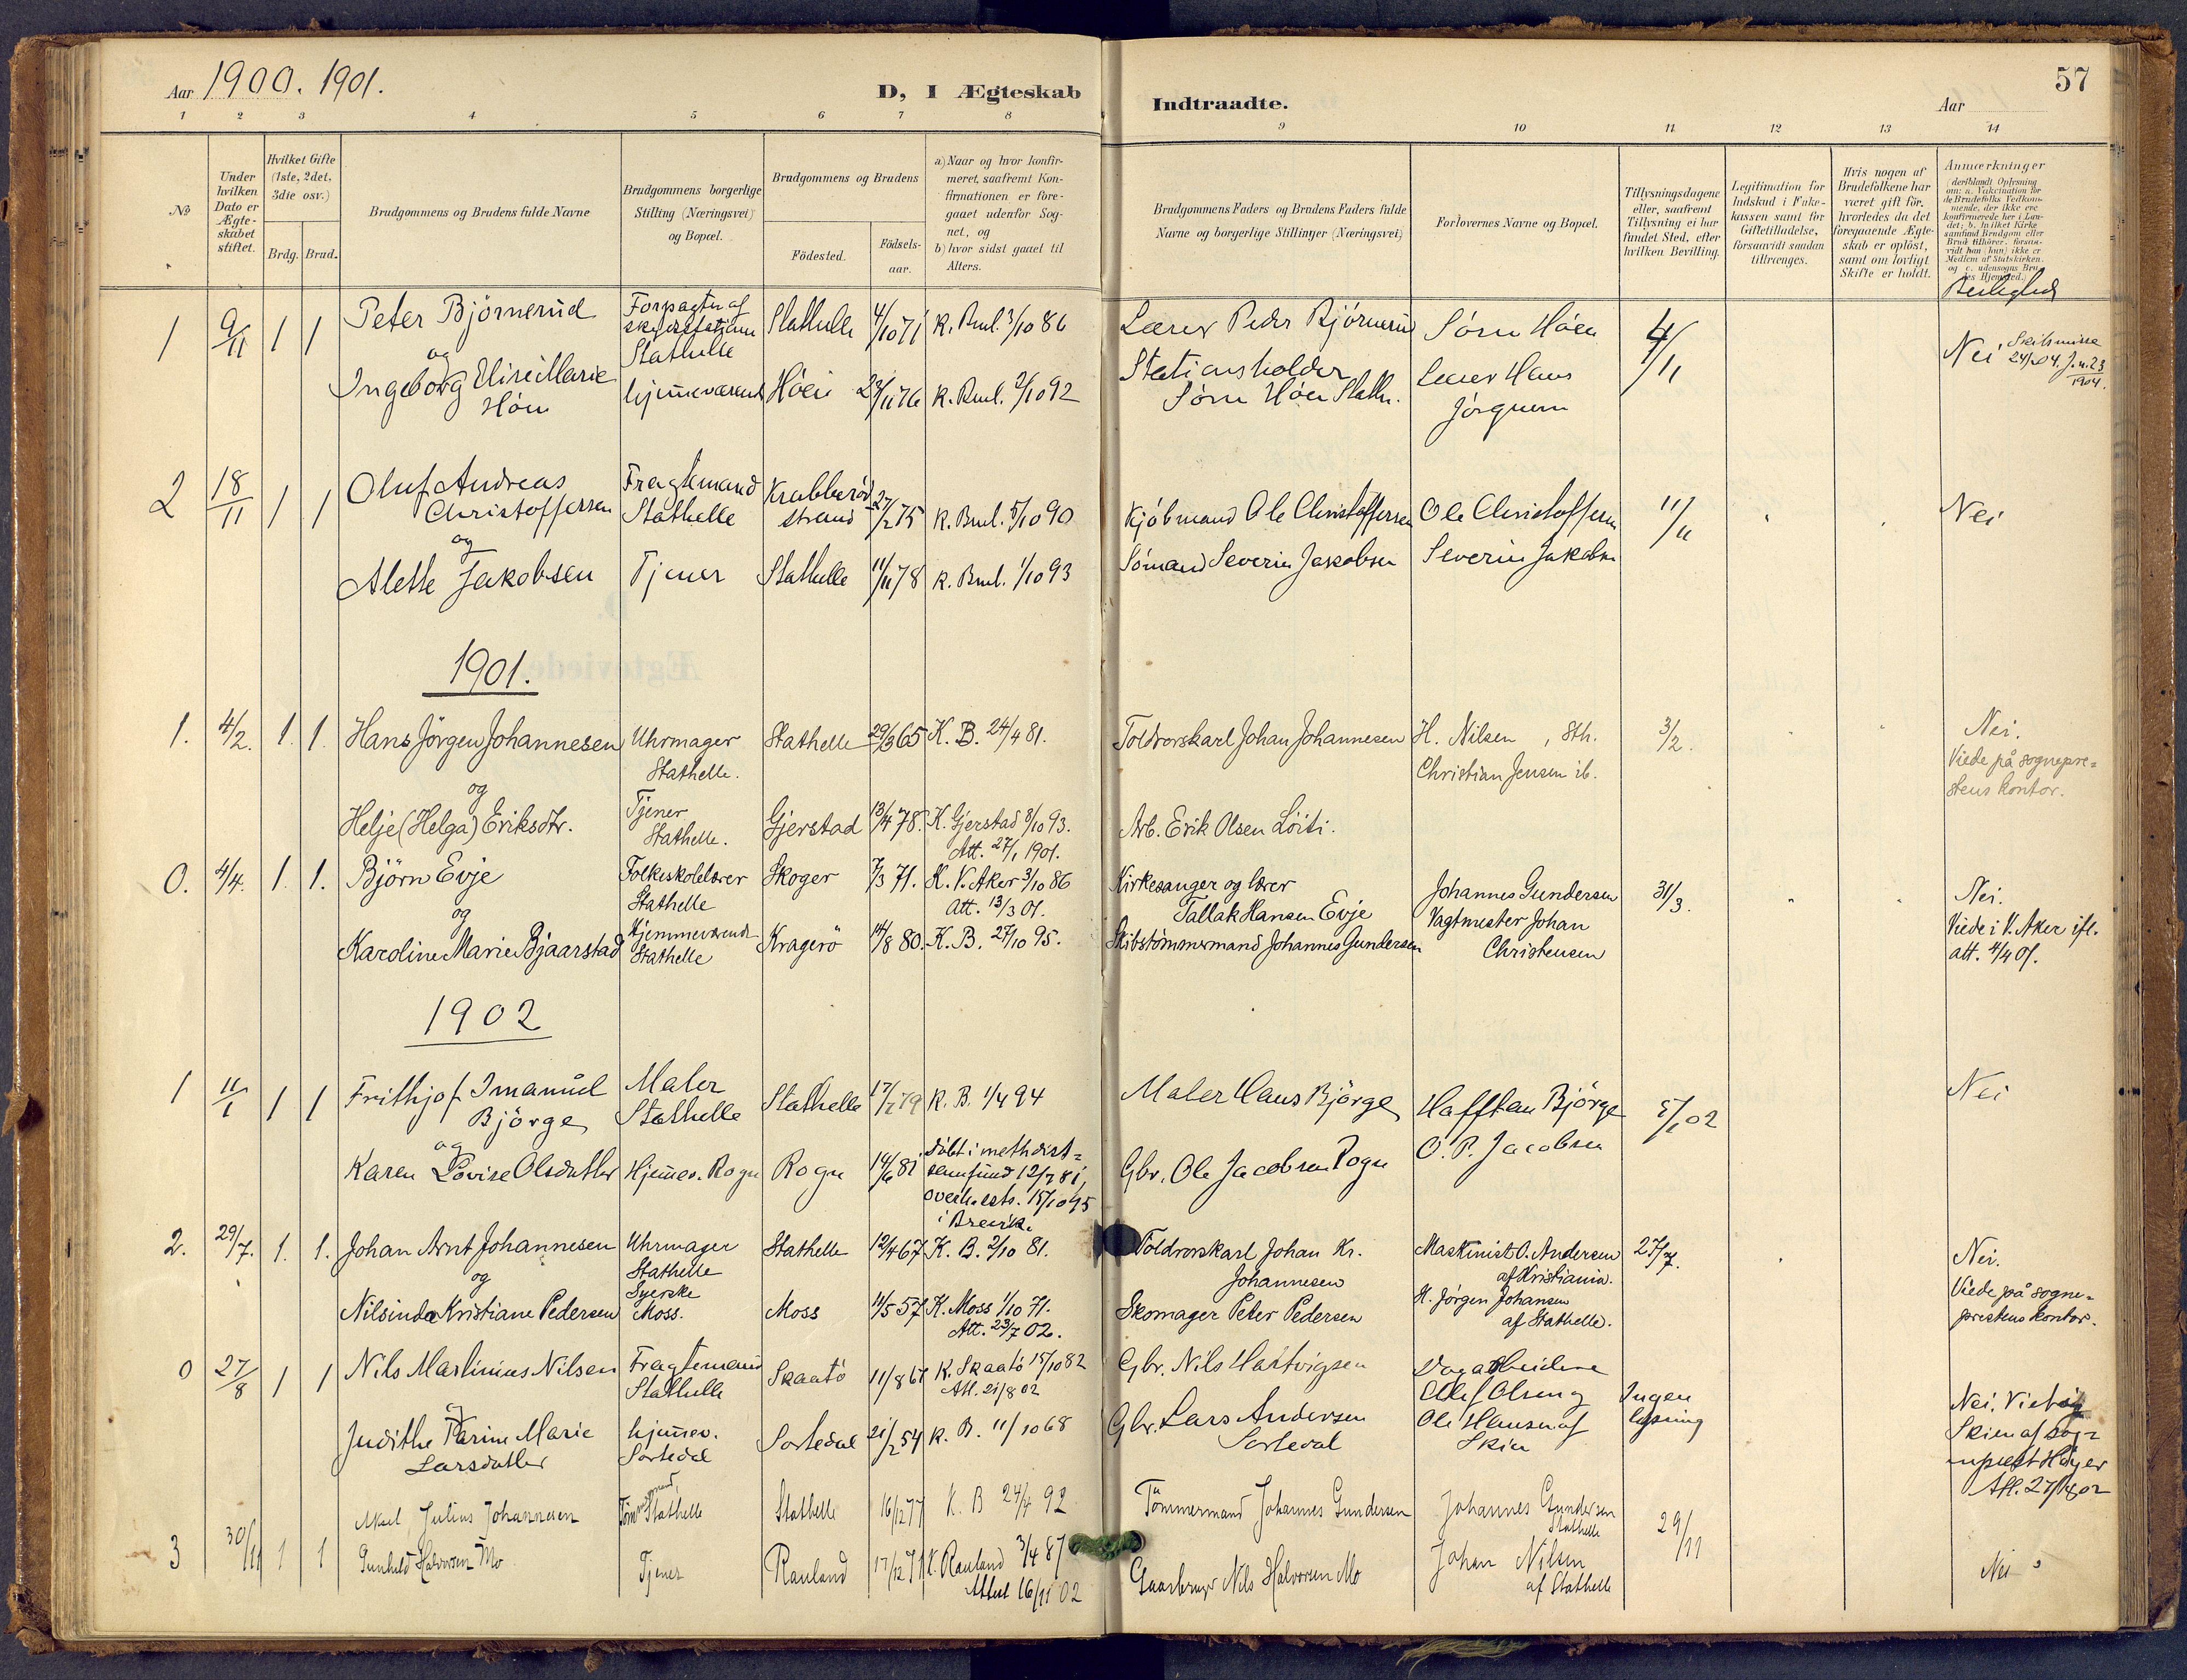 SAKO, Bamble kirkebøker, F/Fb/L0002: Ministerialbok nr. II 2, 1900-1921, s. 57